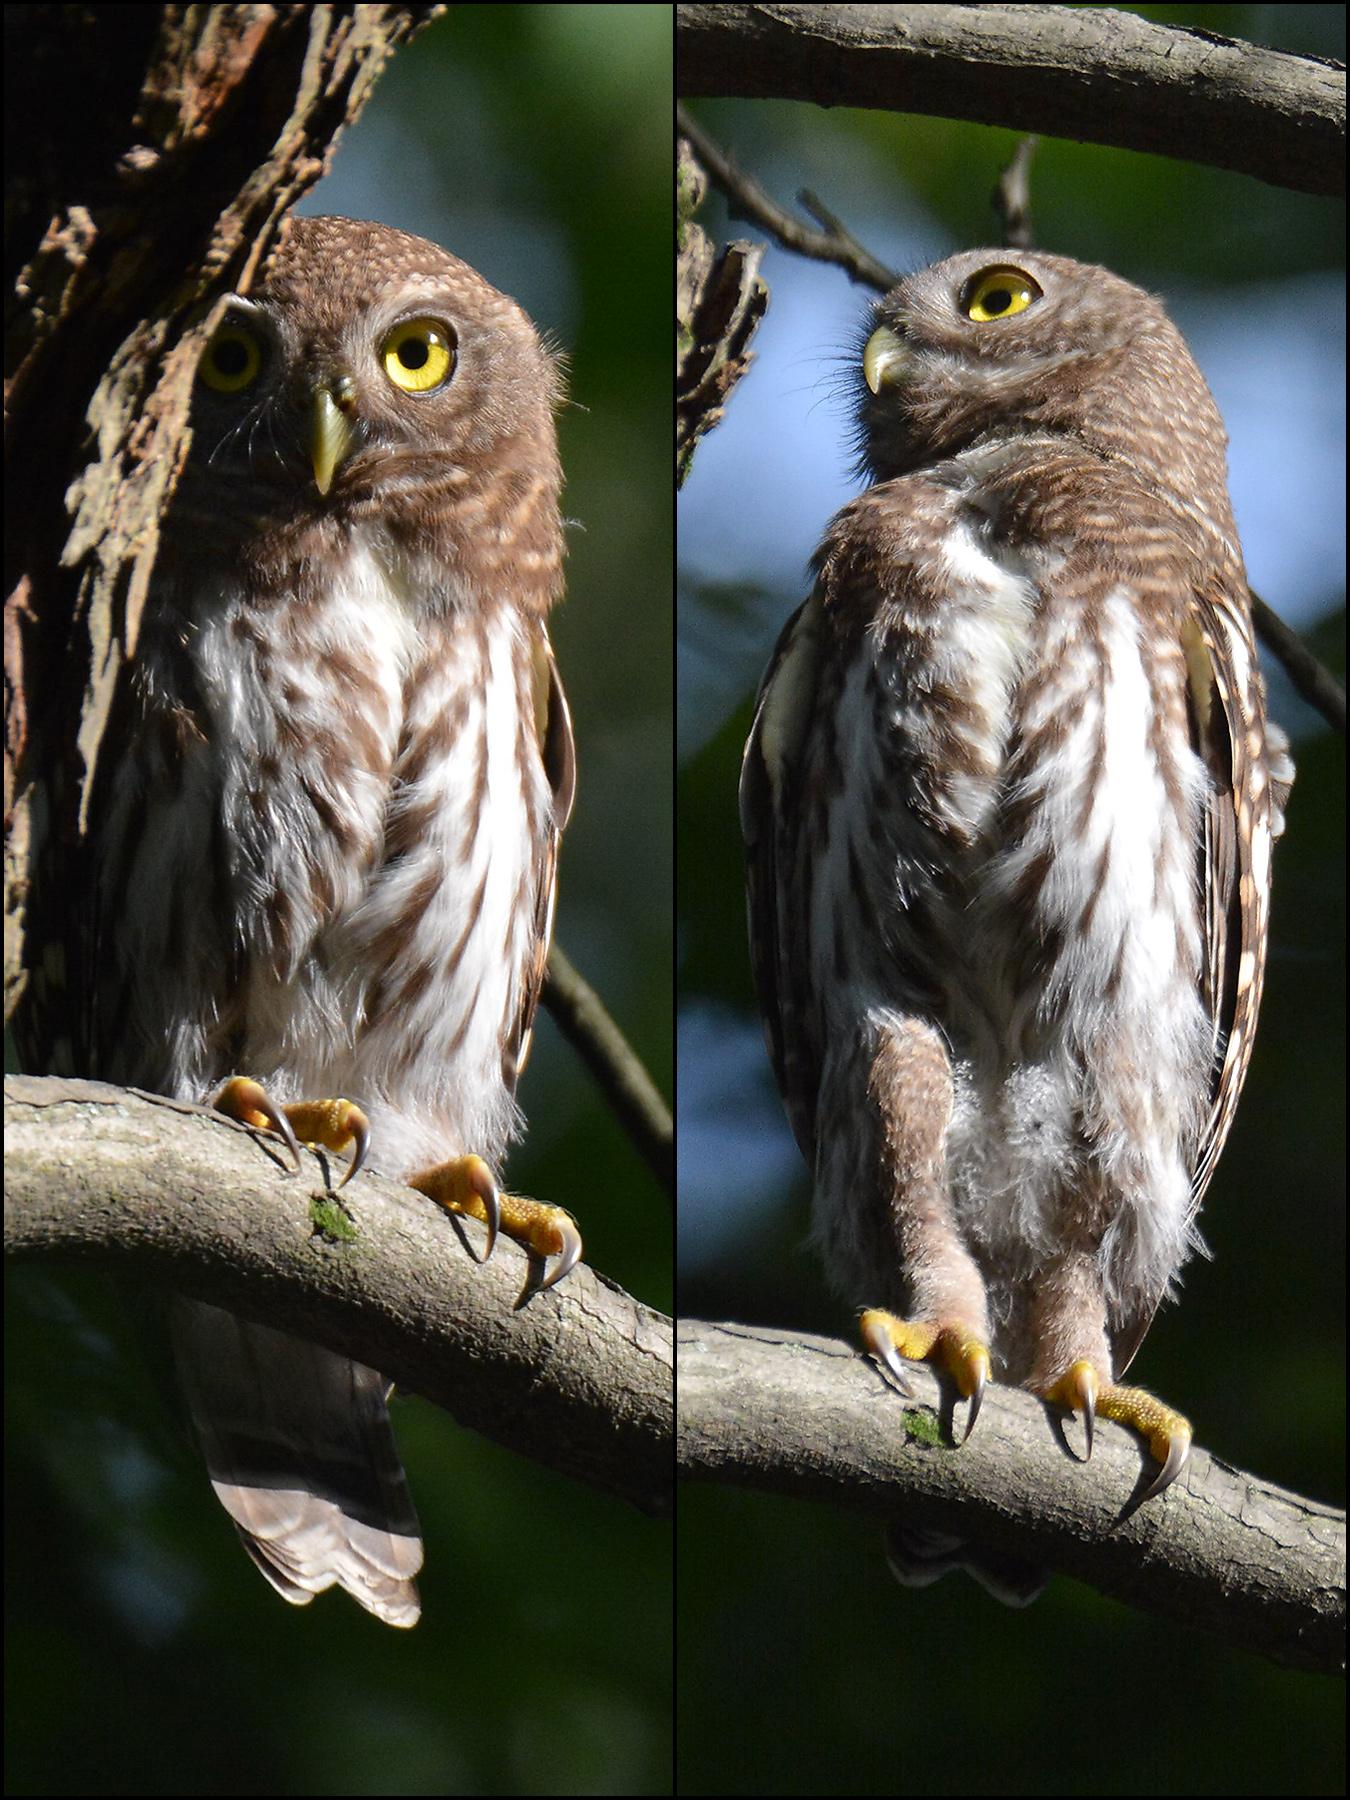 Asian Barred Owlet, Hangzhou Botanitcal Gardens, July 2017. (Komatsu Yasuhiko)